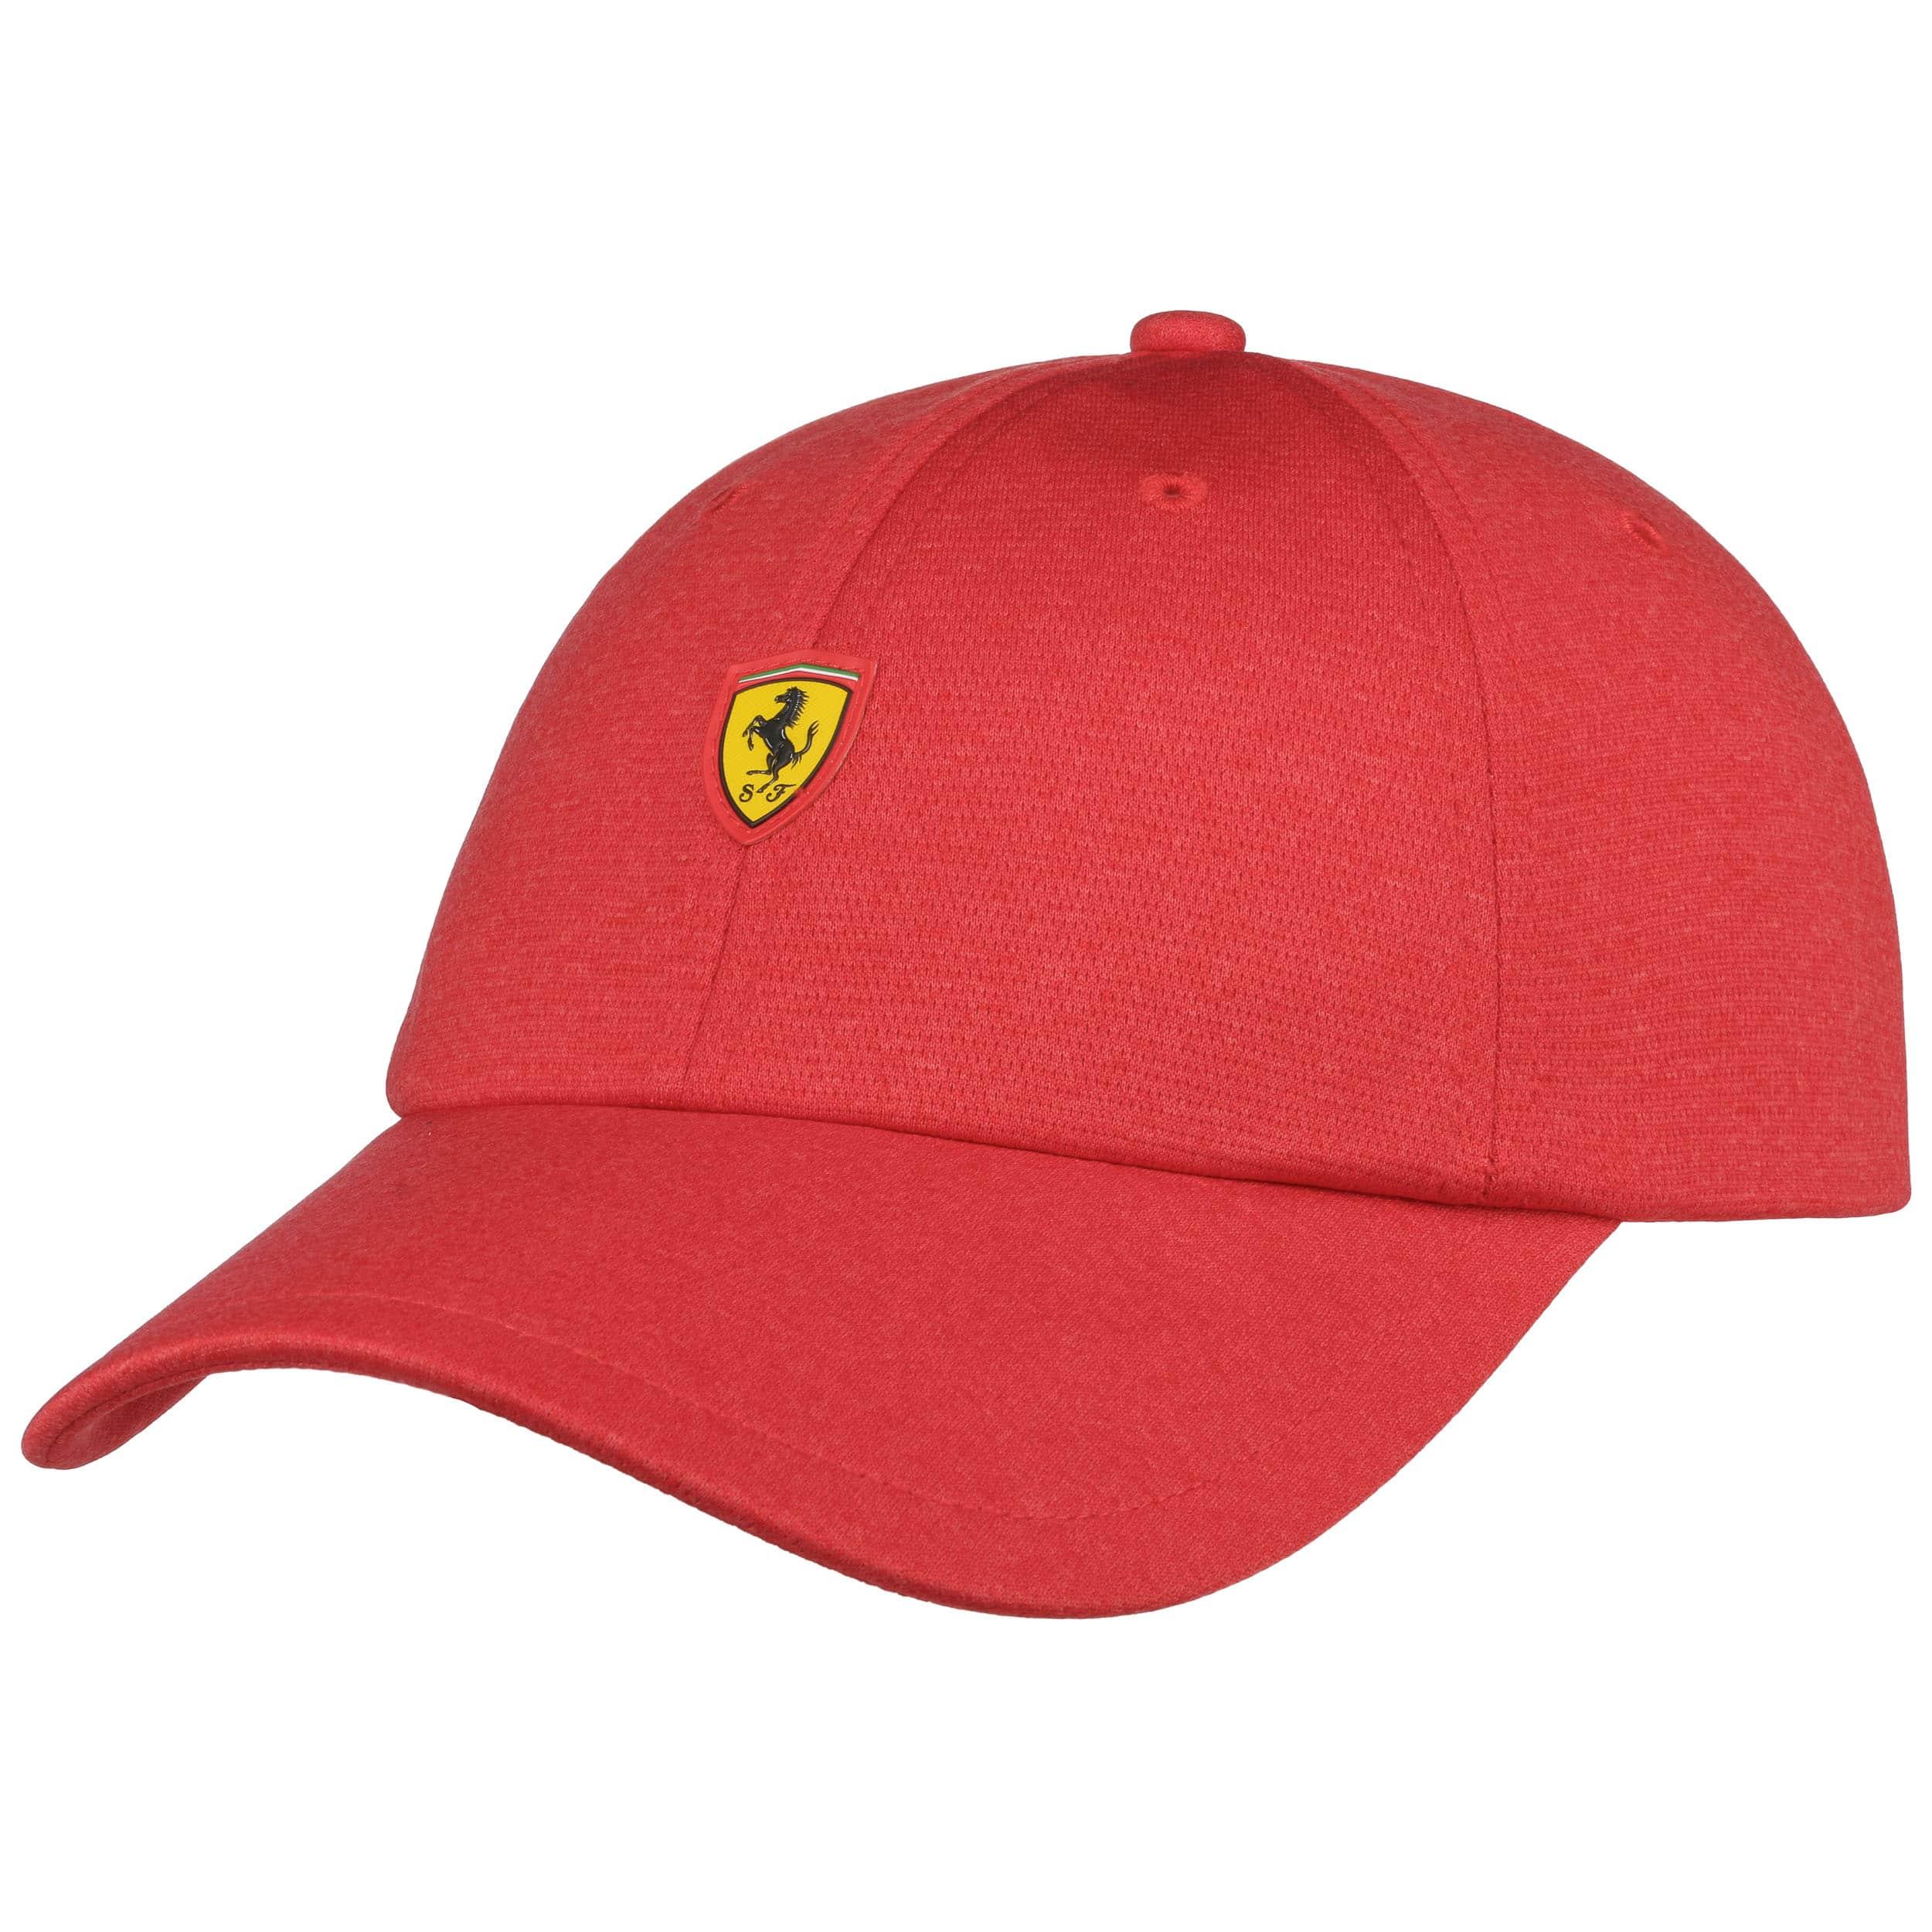 Gorra Scuderia Ferrari Fanwear by PUMA - Gorras - sombreroshop.es 7c51986c2bc